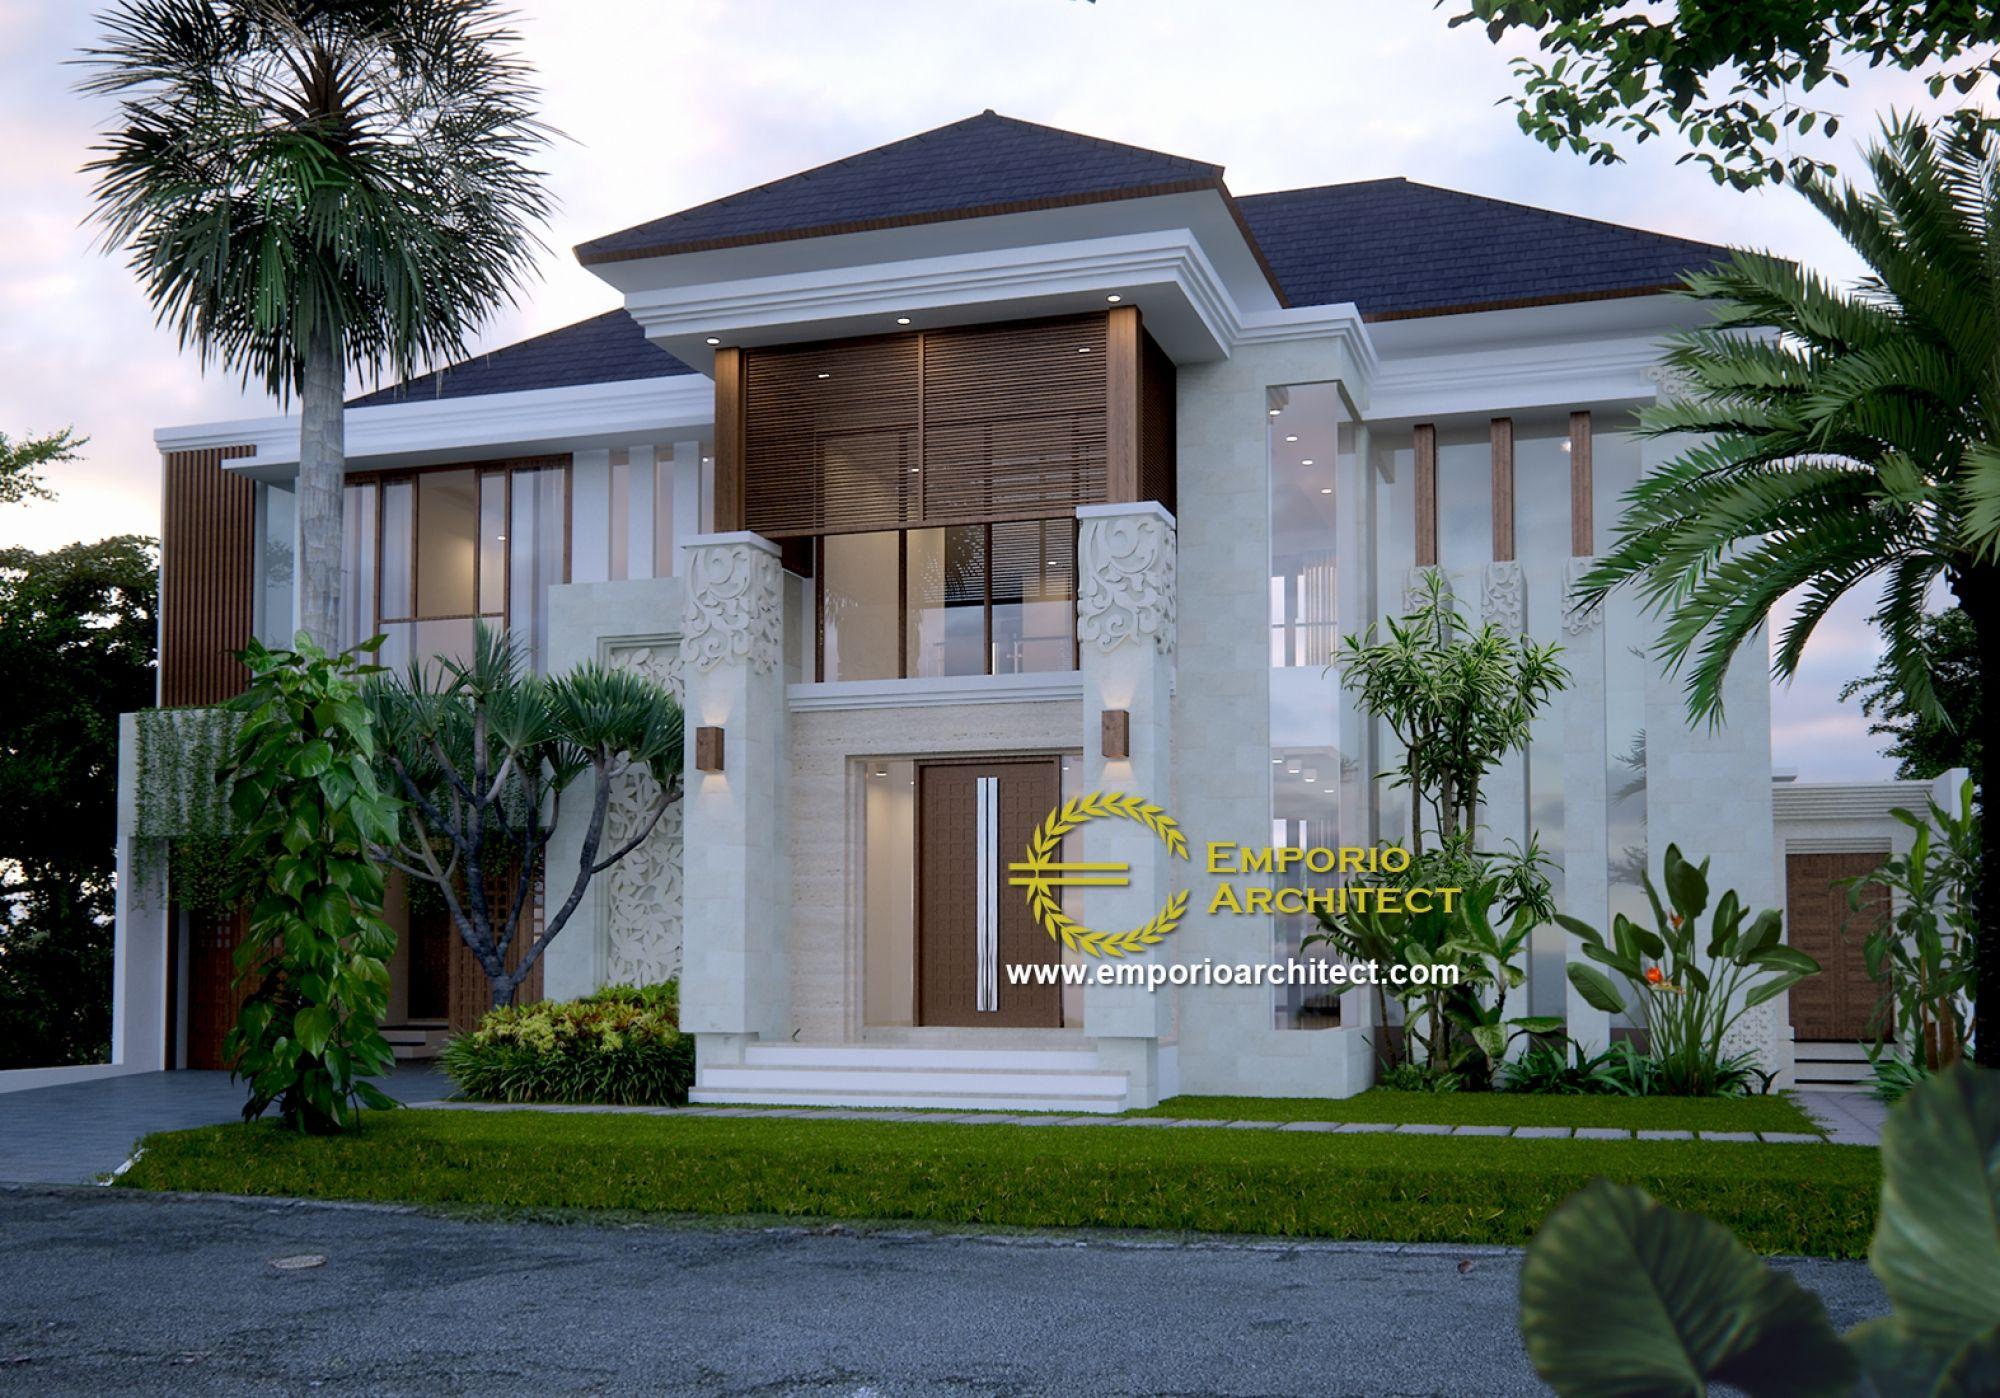 Jasa Arsitek Desain Rumah Ibu Nety Bekasi Jawa Barat Jasa